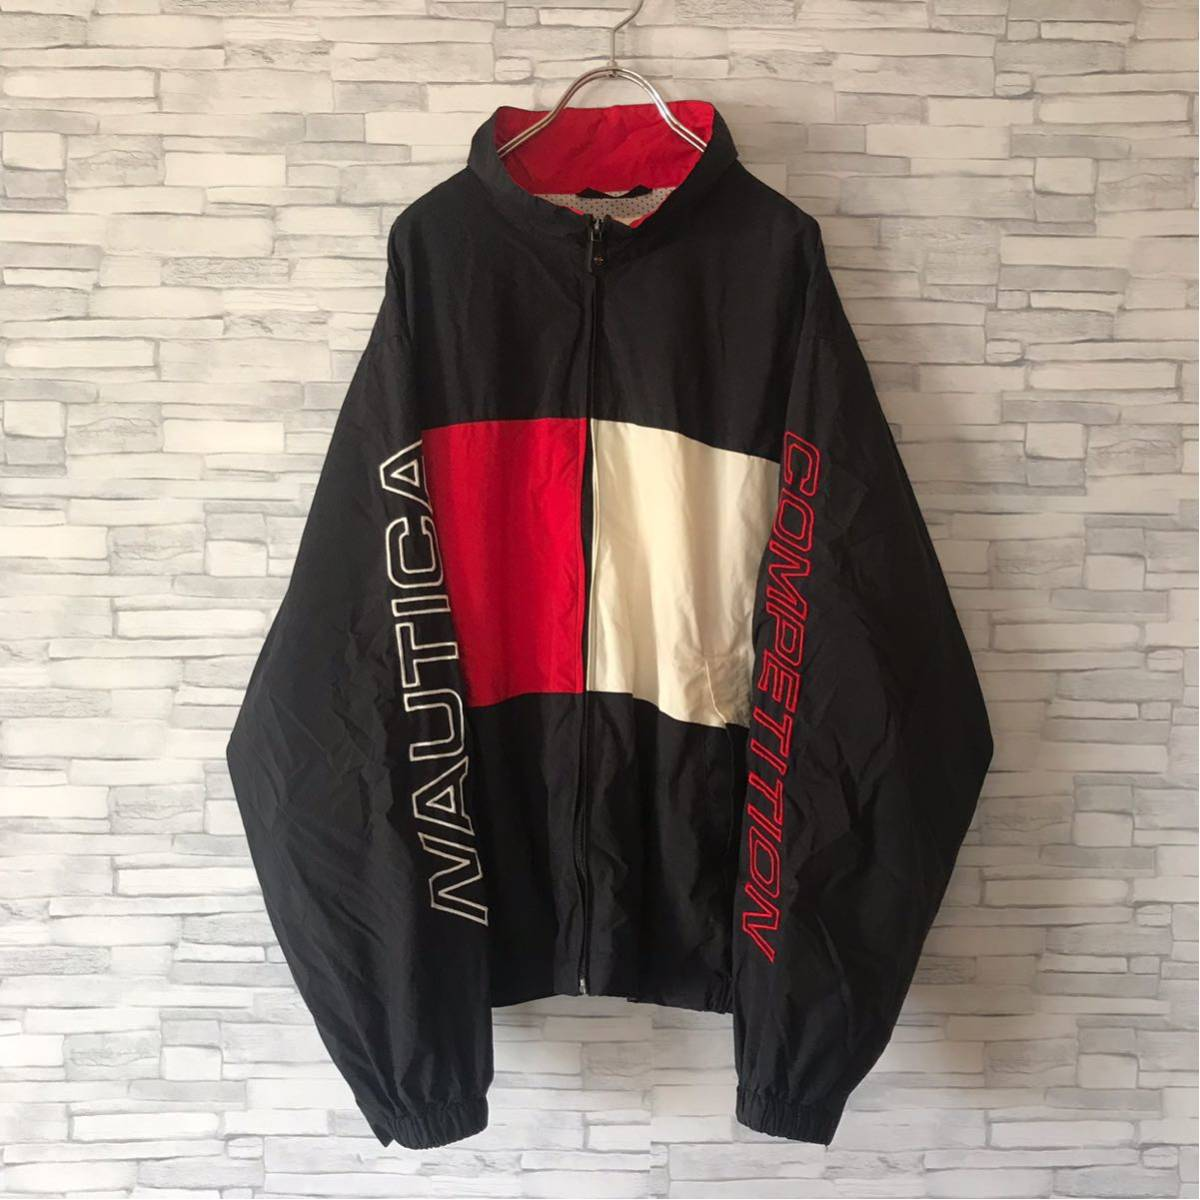 90s ノーティカ NAUTICA ナイロンジャケット ツートンカラー 袖ロゴ 裏メッシュ アウター ウィンドブレーカー セーリングジャケット